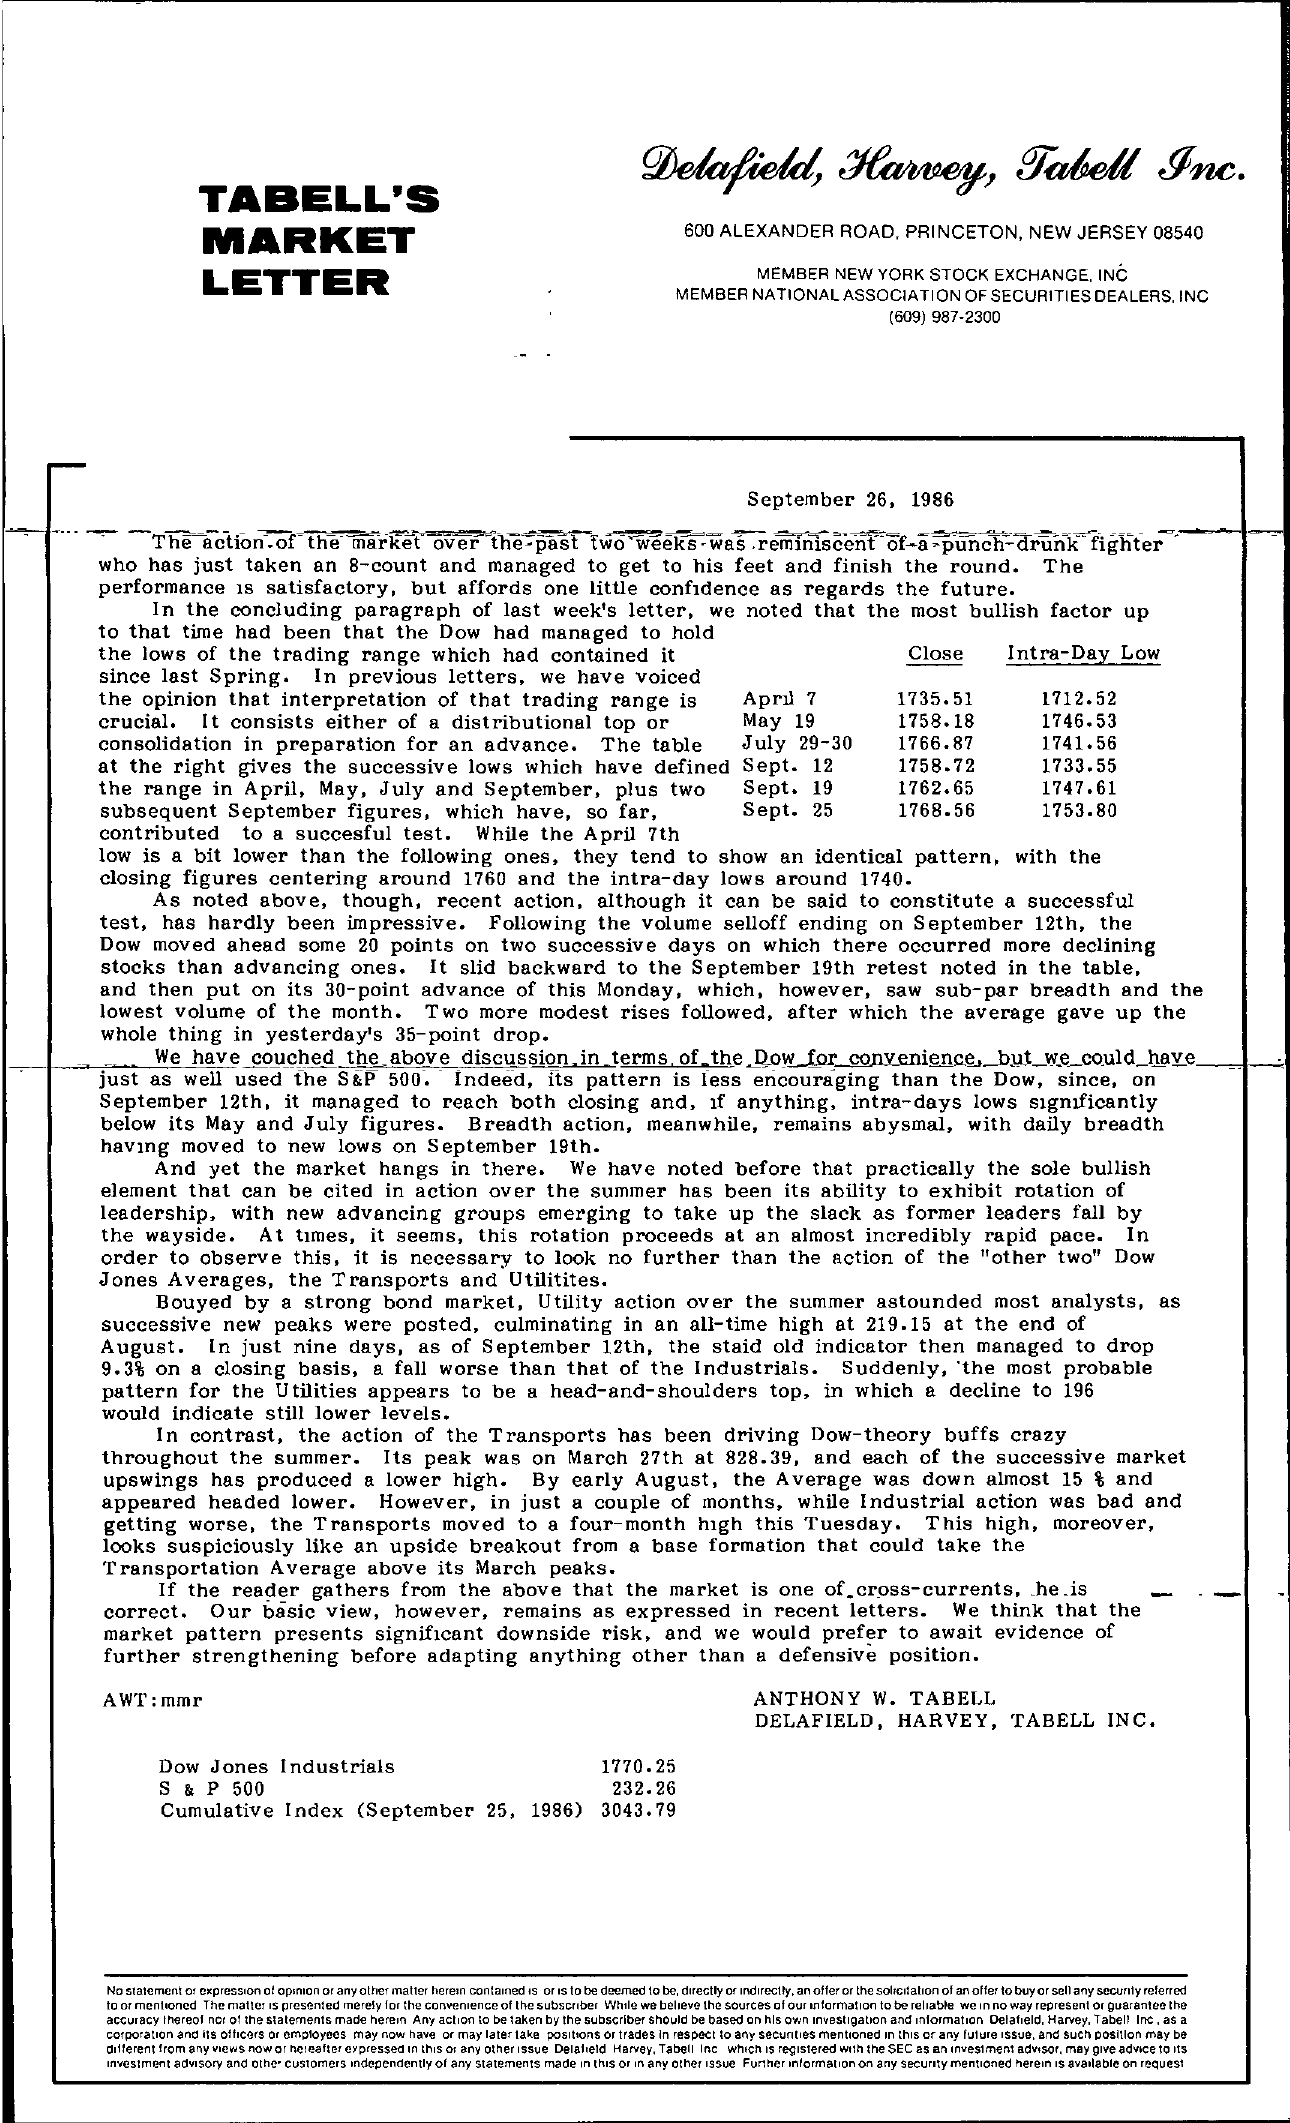 Tabell's Market Letter - September 26, 1986